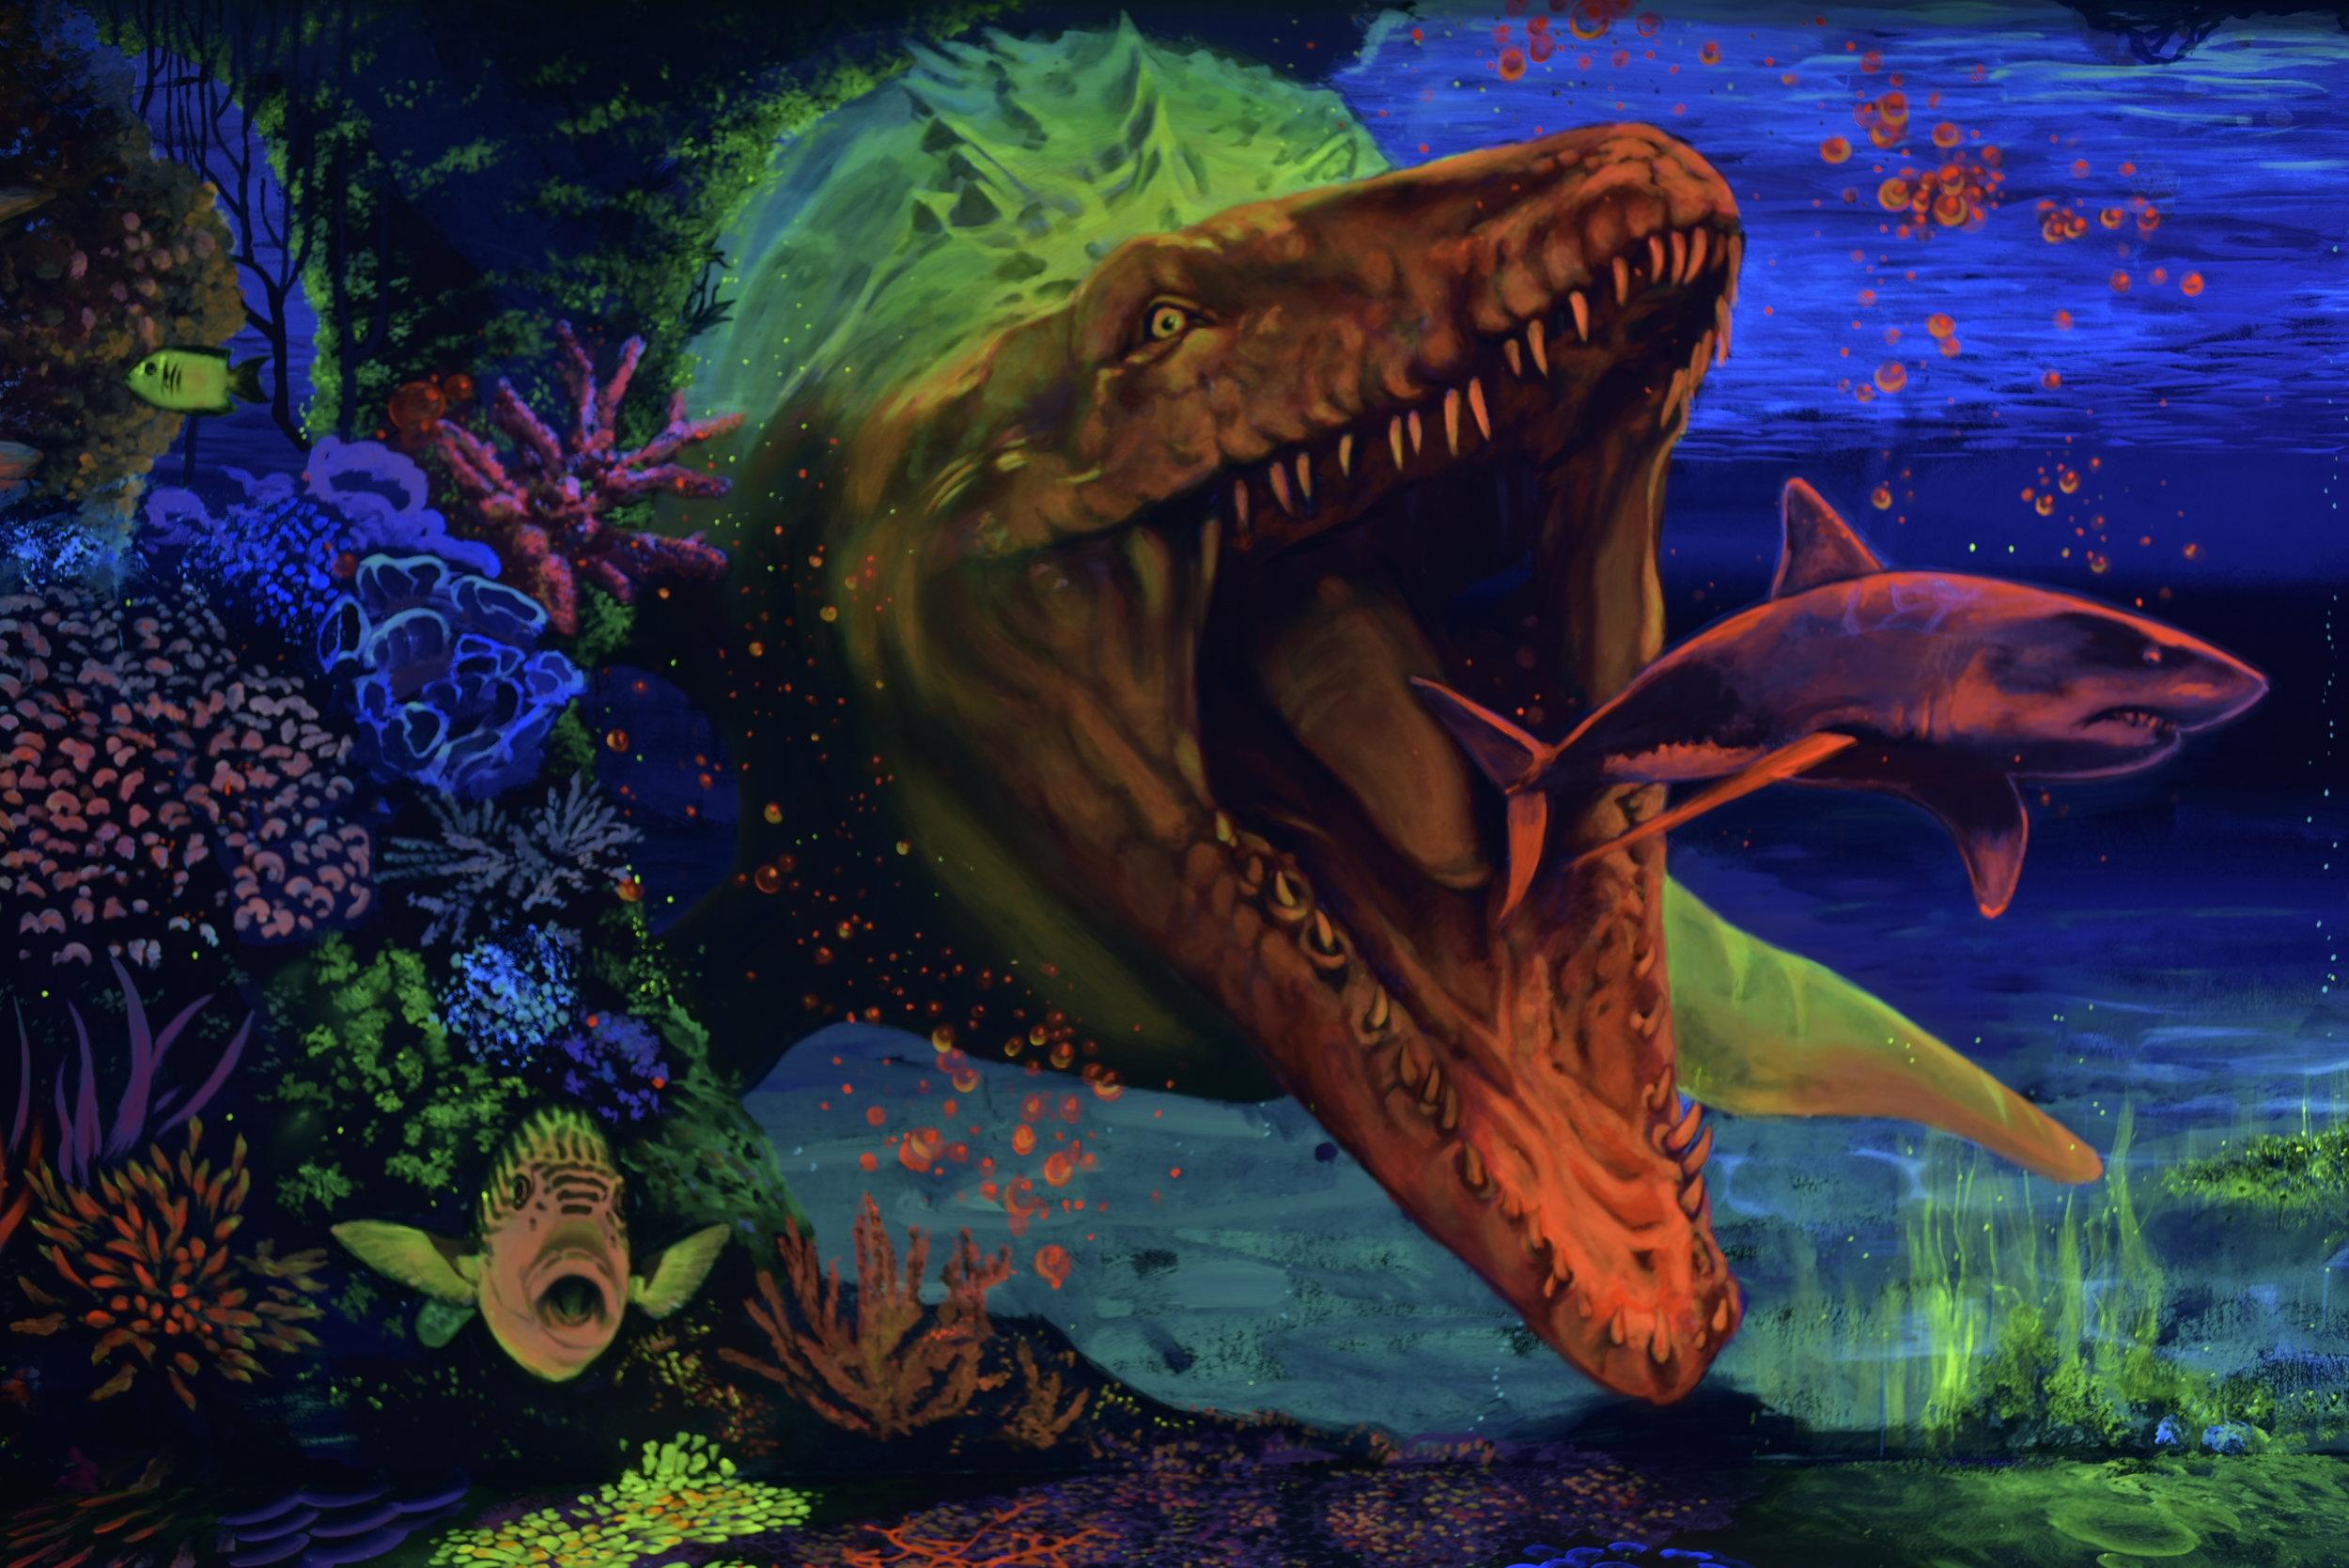 3D UV minigolf festés vertigomurals dekorációs festés falfestmények falfestmény beltéri dekor faldekor falfestészet dekorációs festés